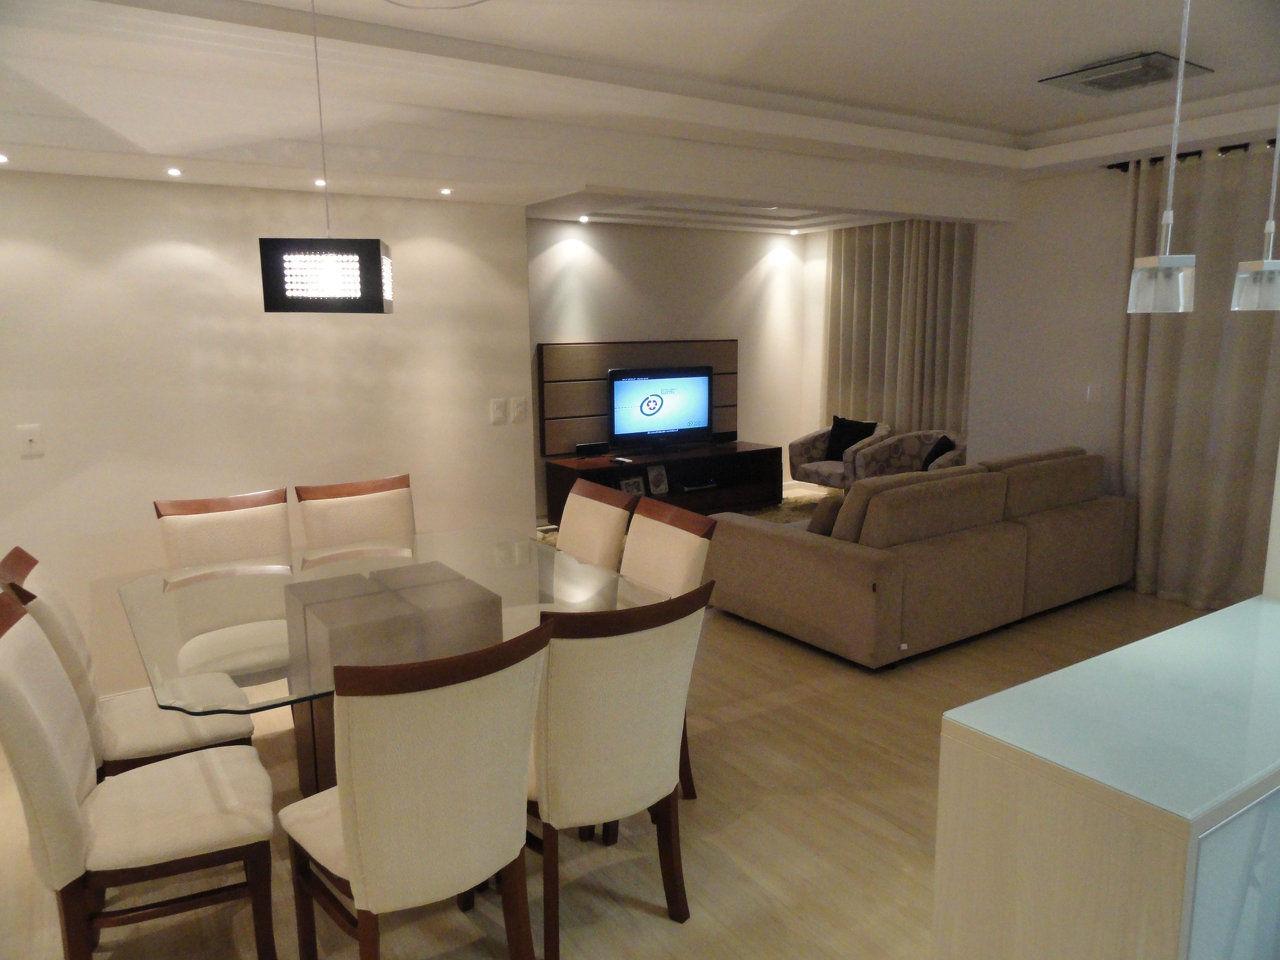 Cozinha E Sala Conjugada Apartamento Oppenau Info -> Cozinha Com Sala Conjugada